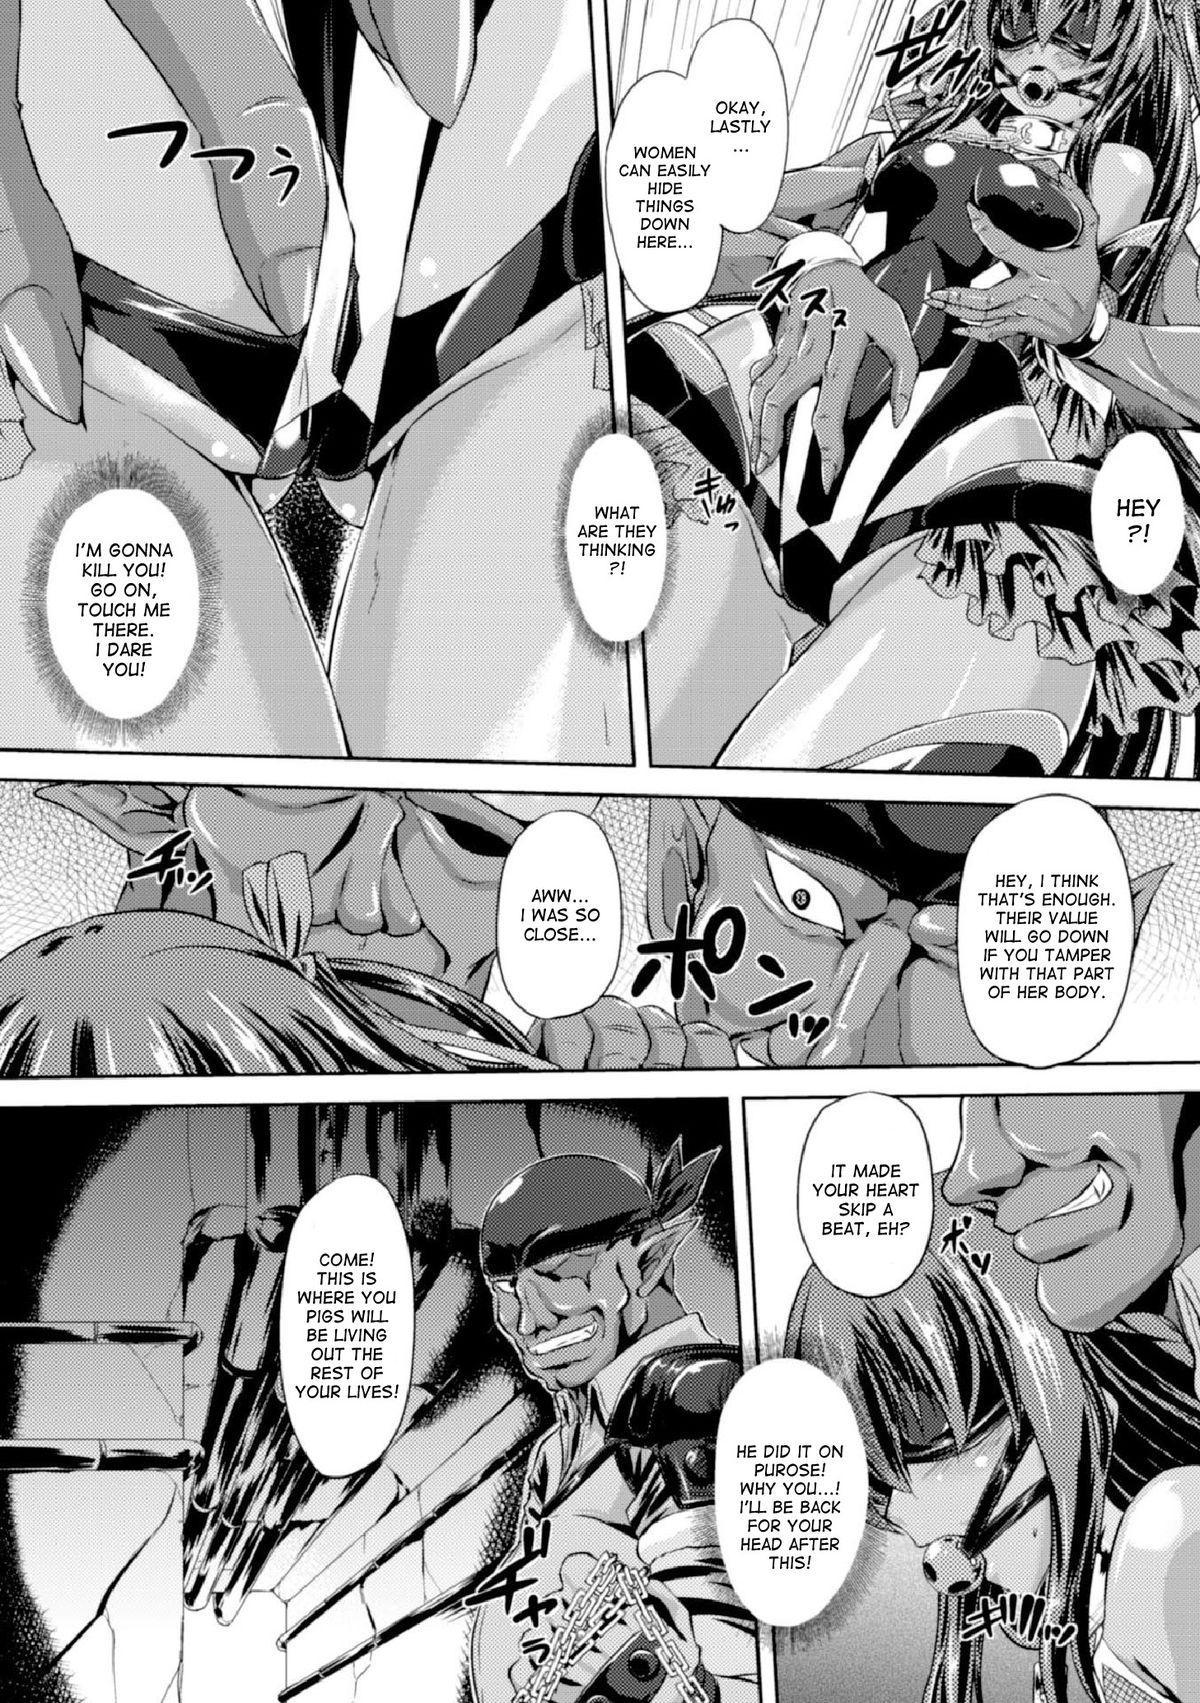 [Gonzaburo-] Taimanin Yukikaze - Taimanin wa Ingoku ni Shizumu #1-6 | Taimanin Yukikaze - Taimanin's fall into the lewd hell #1-5 [English] [desudesu] [Digital] 7